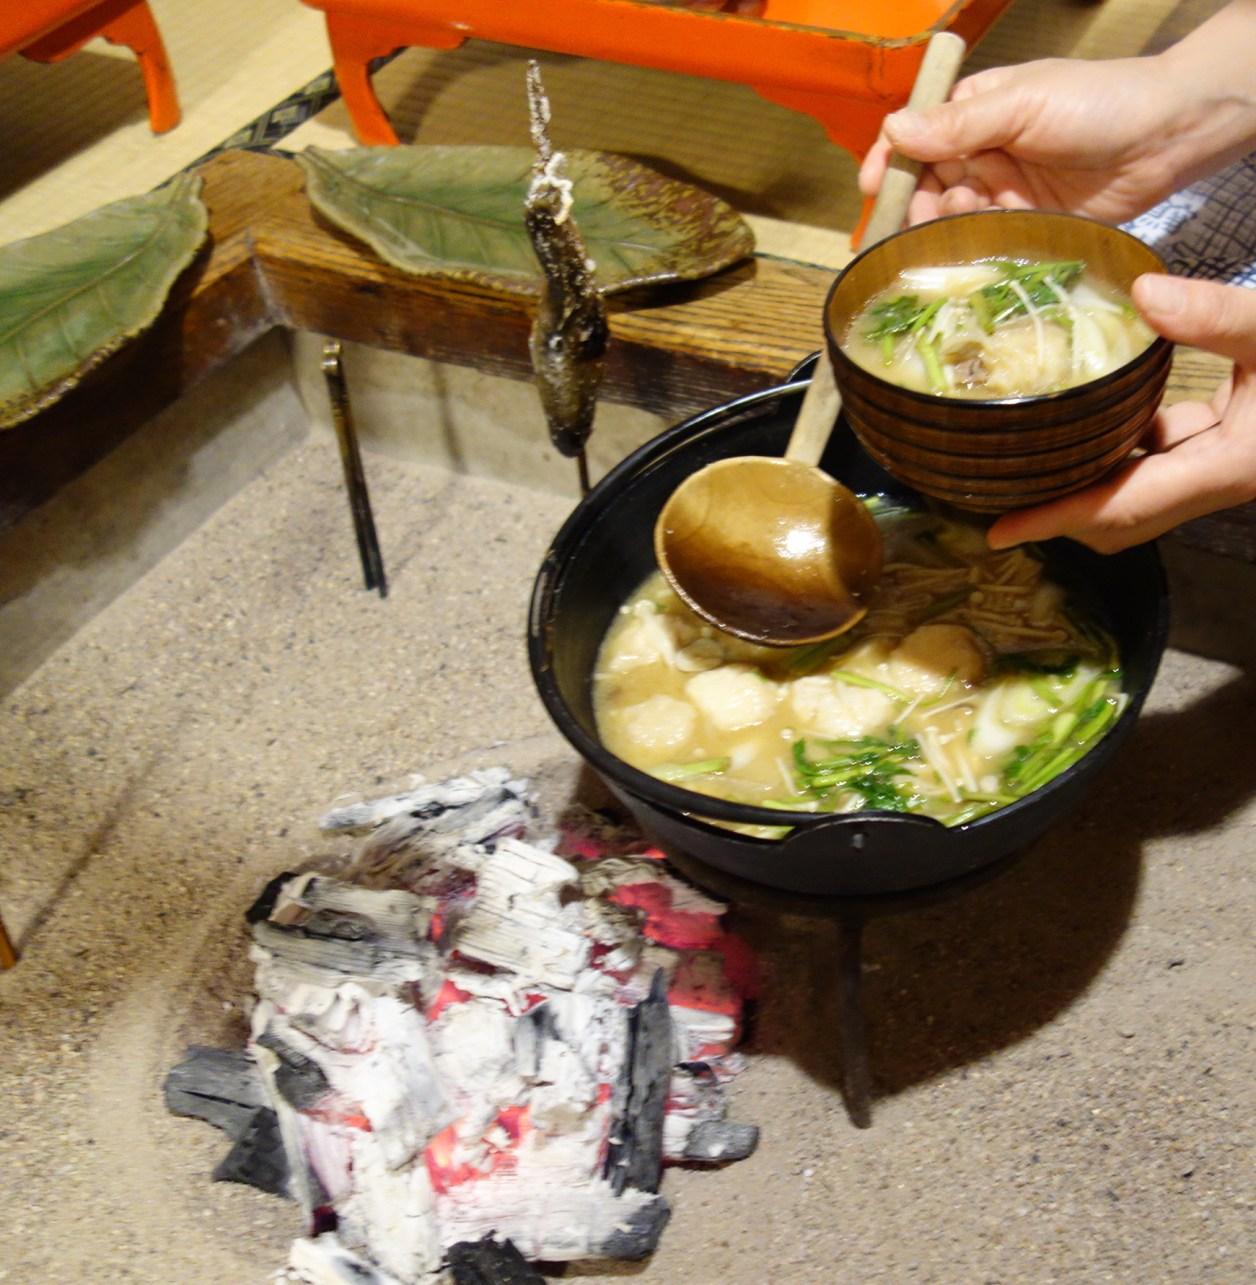 乳頭温泉,秘湯鶴の湯,東本陣,日本秘湯を守る会